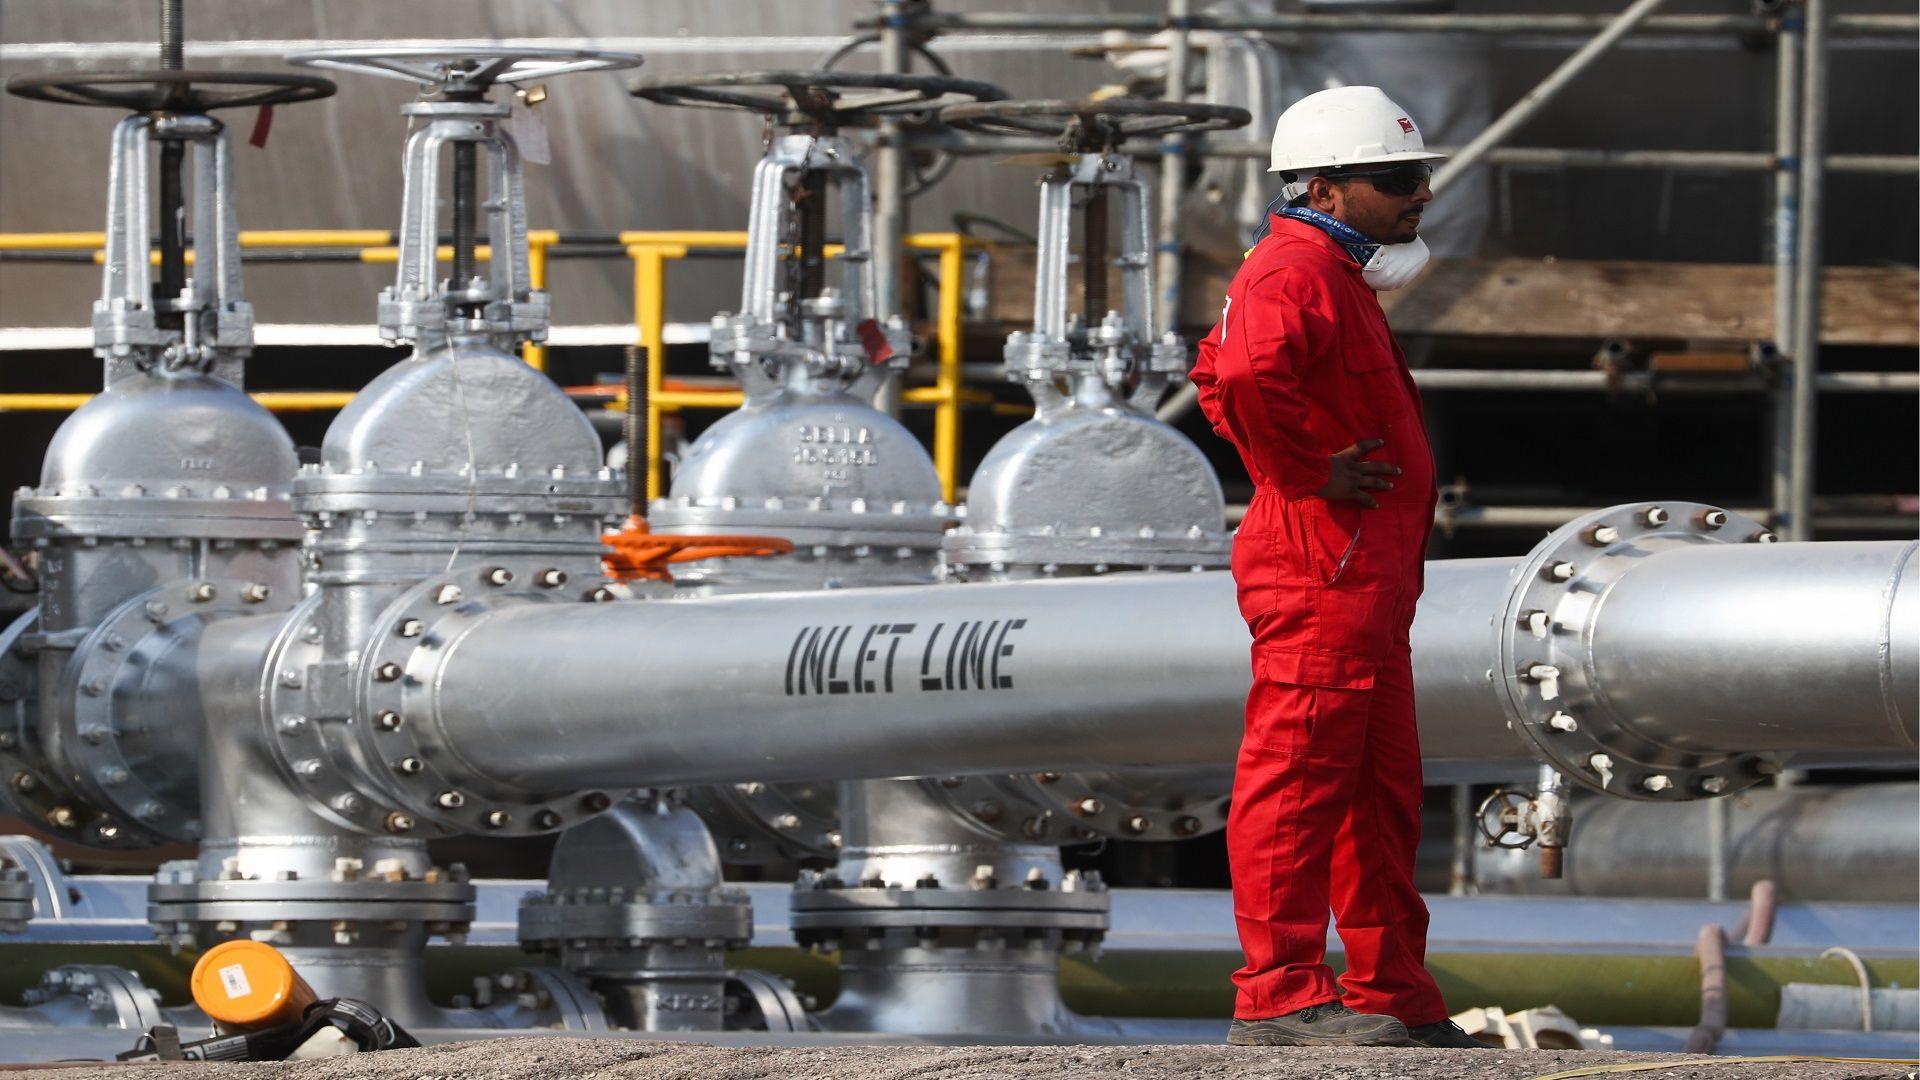 5 شركات عالمية تدخل حلبة المنافسة على صفقة أرامكو لأنابيب الغاز